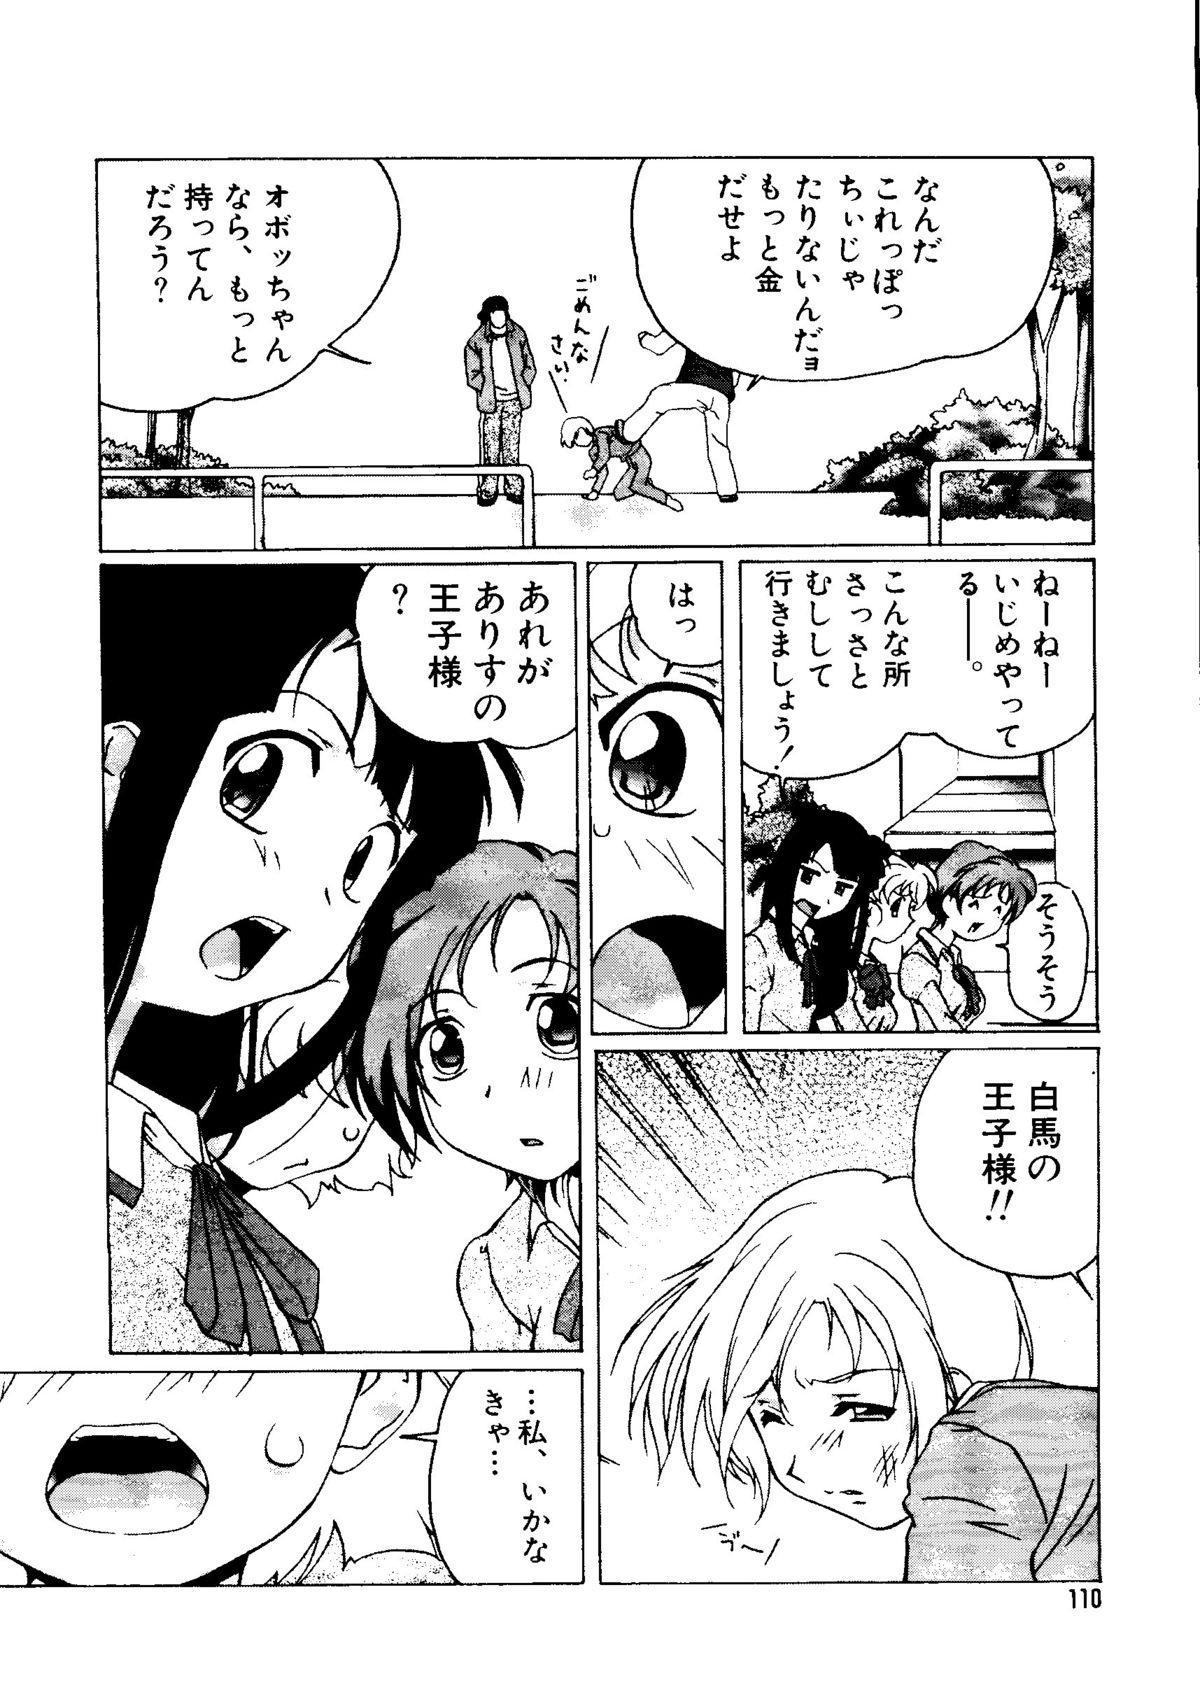 Mujirushi Youhin Vol. 7 108